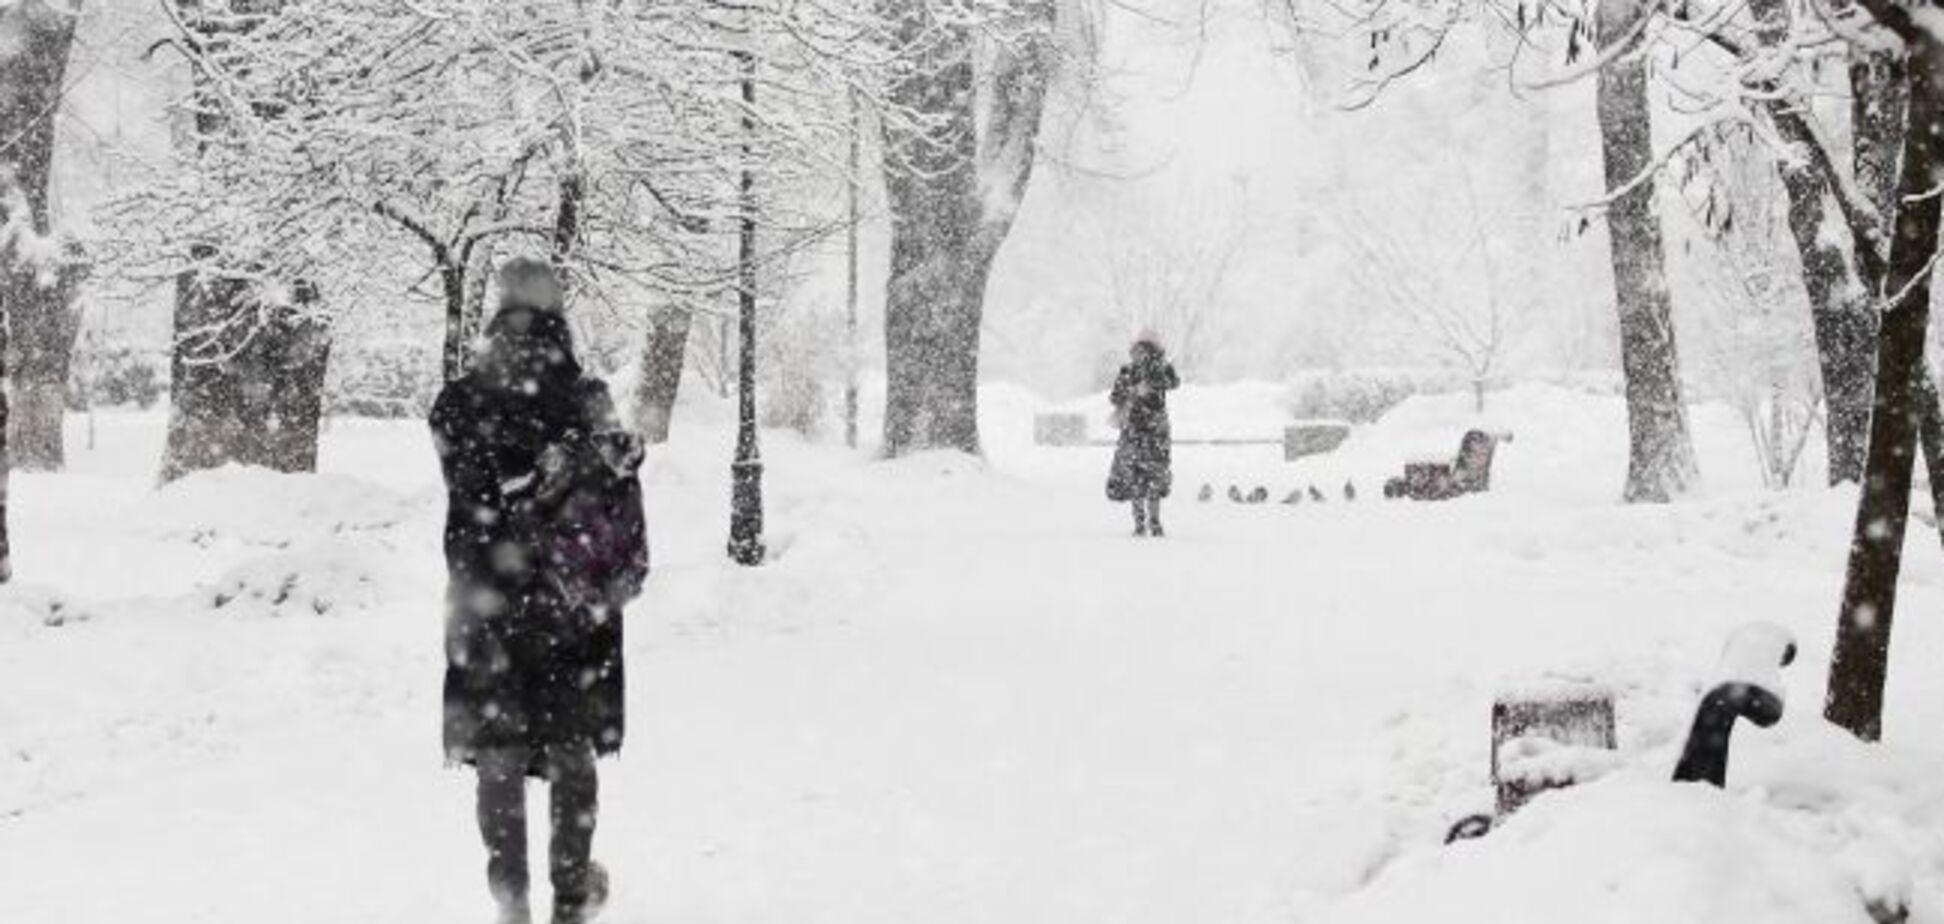 До 20 см снігу: синоптики дали точний прогноз до кінця зими в Україні